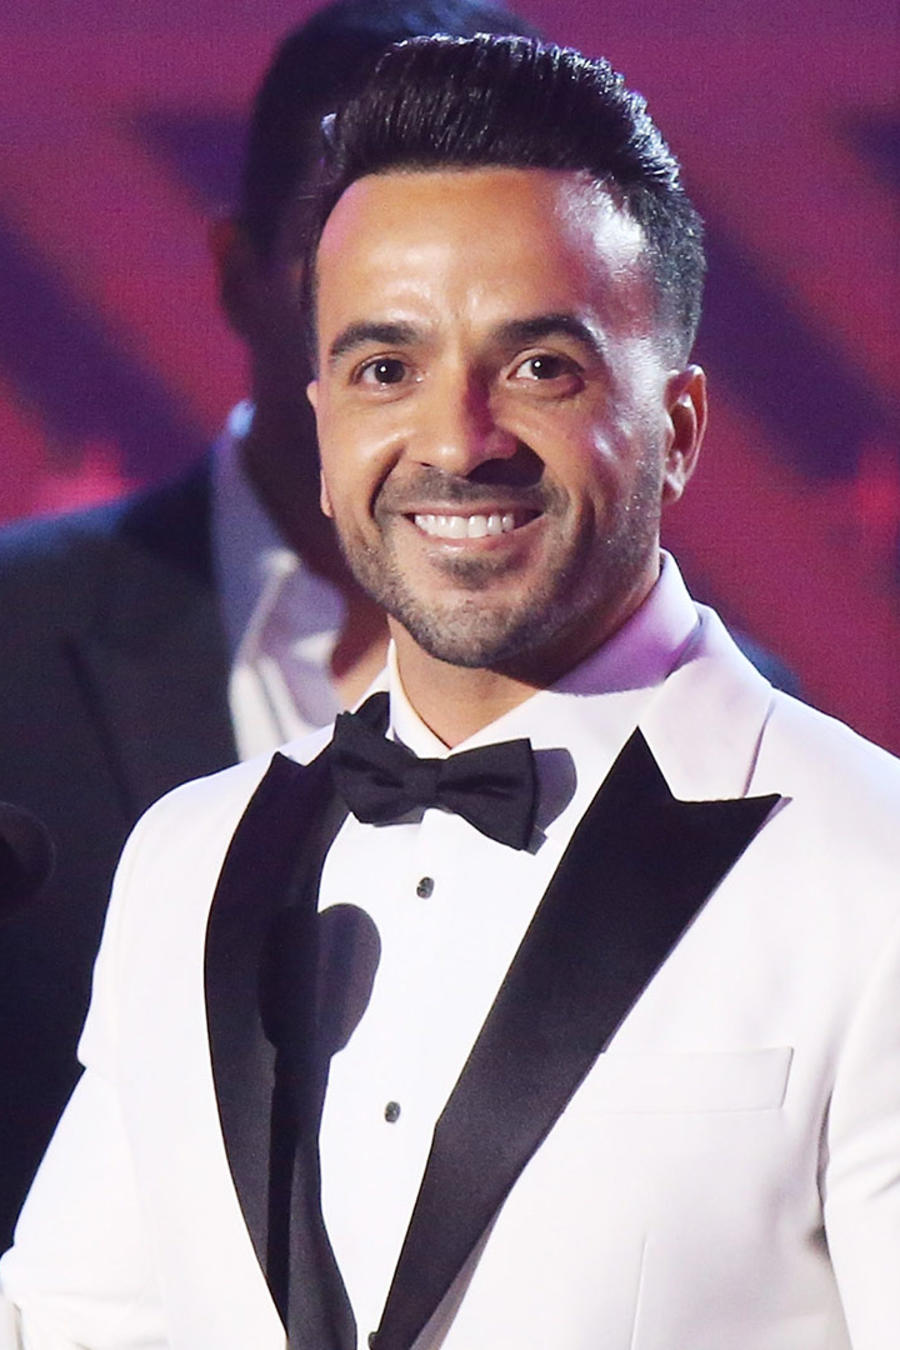 Luis Fonsi at the Latin Grammys